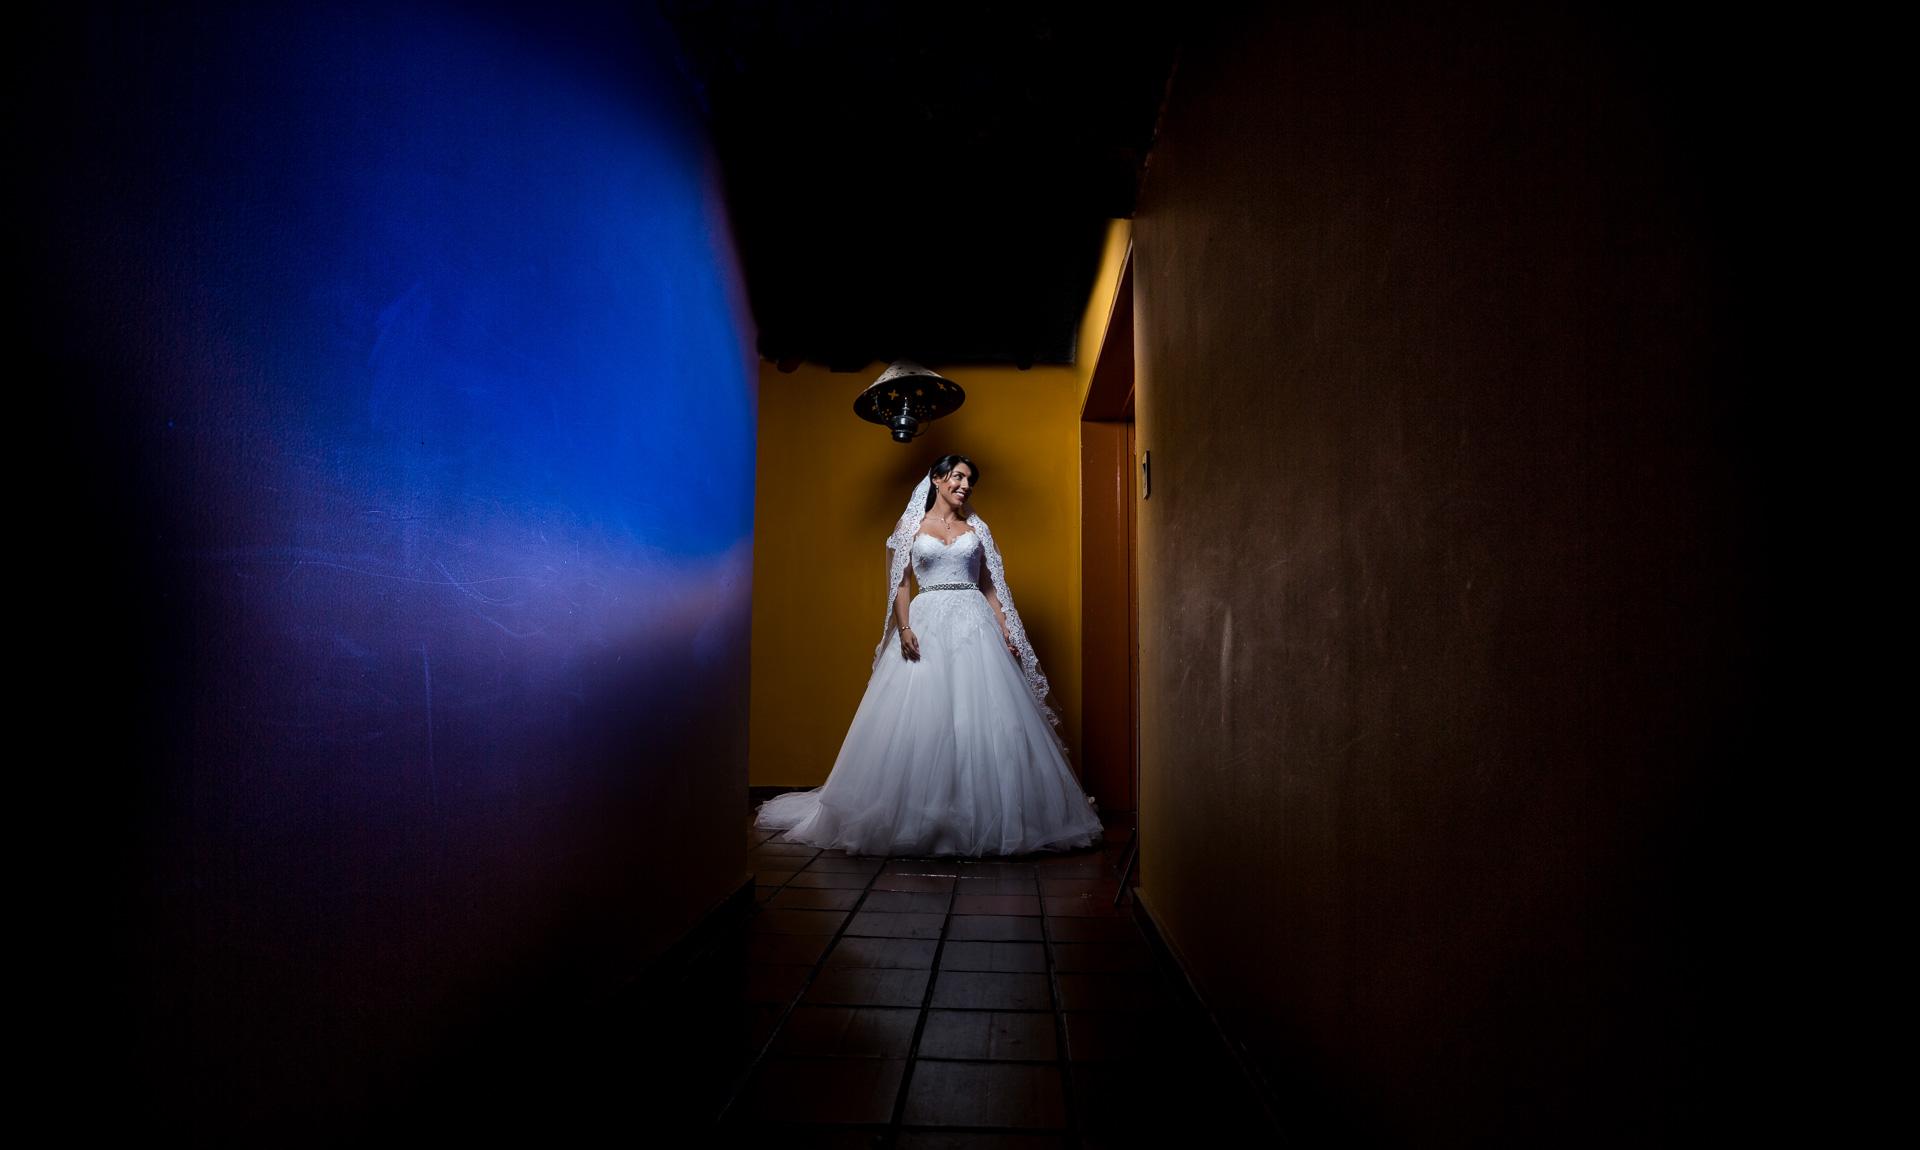 Fotógrafos-de-bodas-en-Colombia-Angela-y-Antonio-23 ANGELA Y ANTONIO